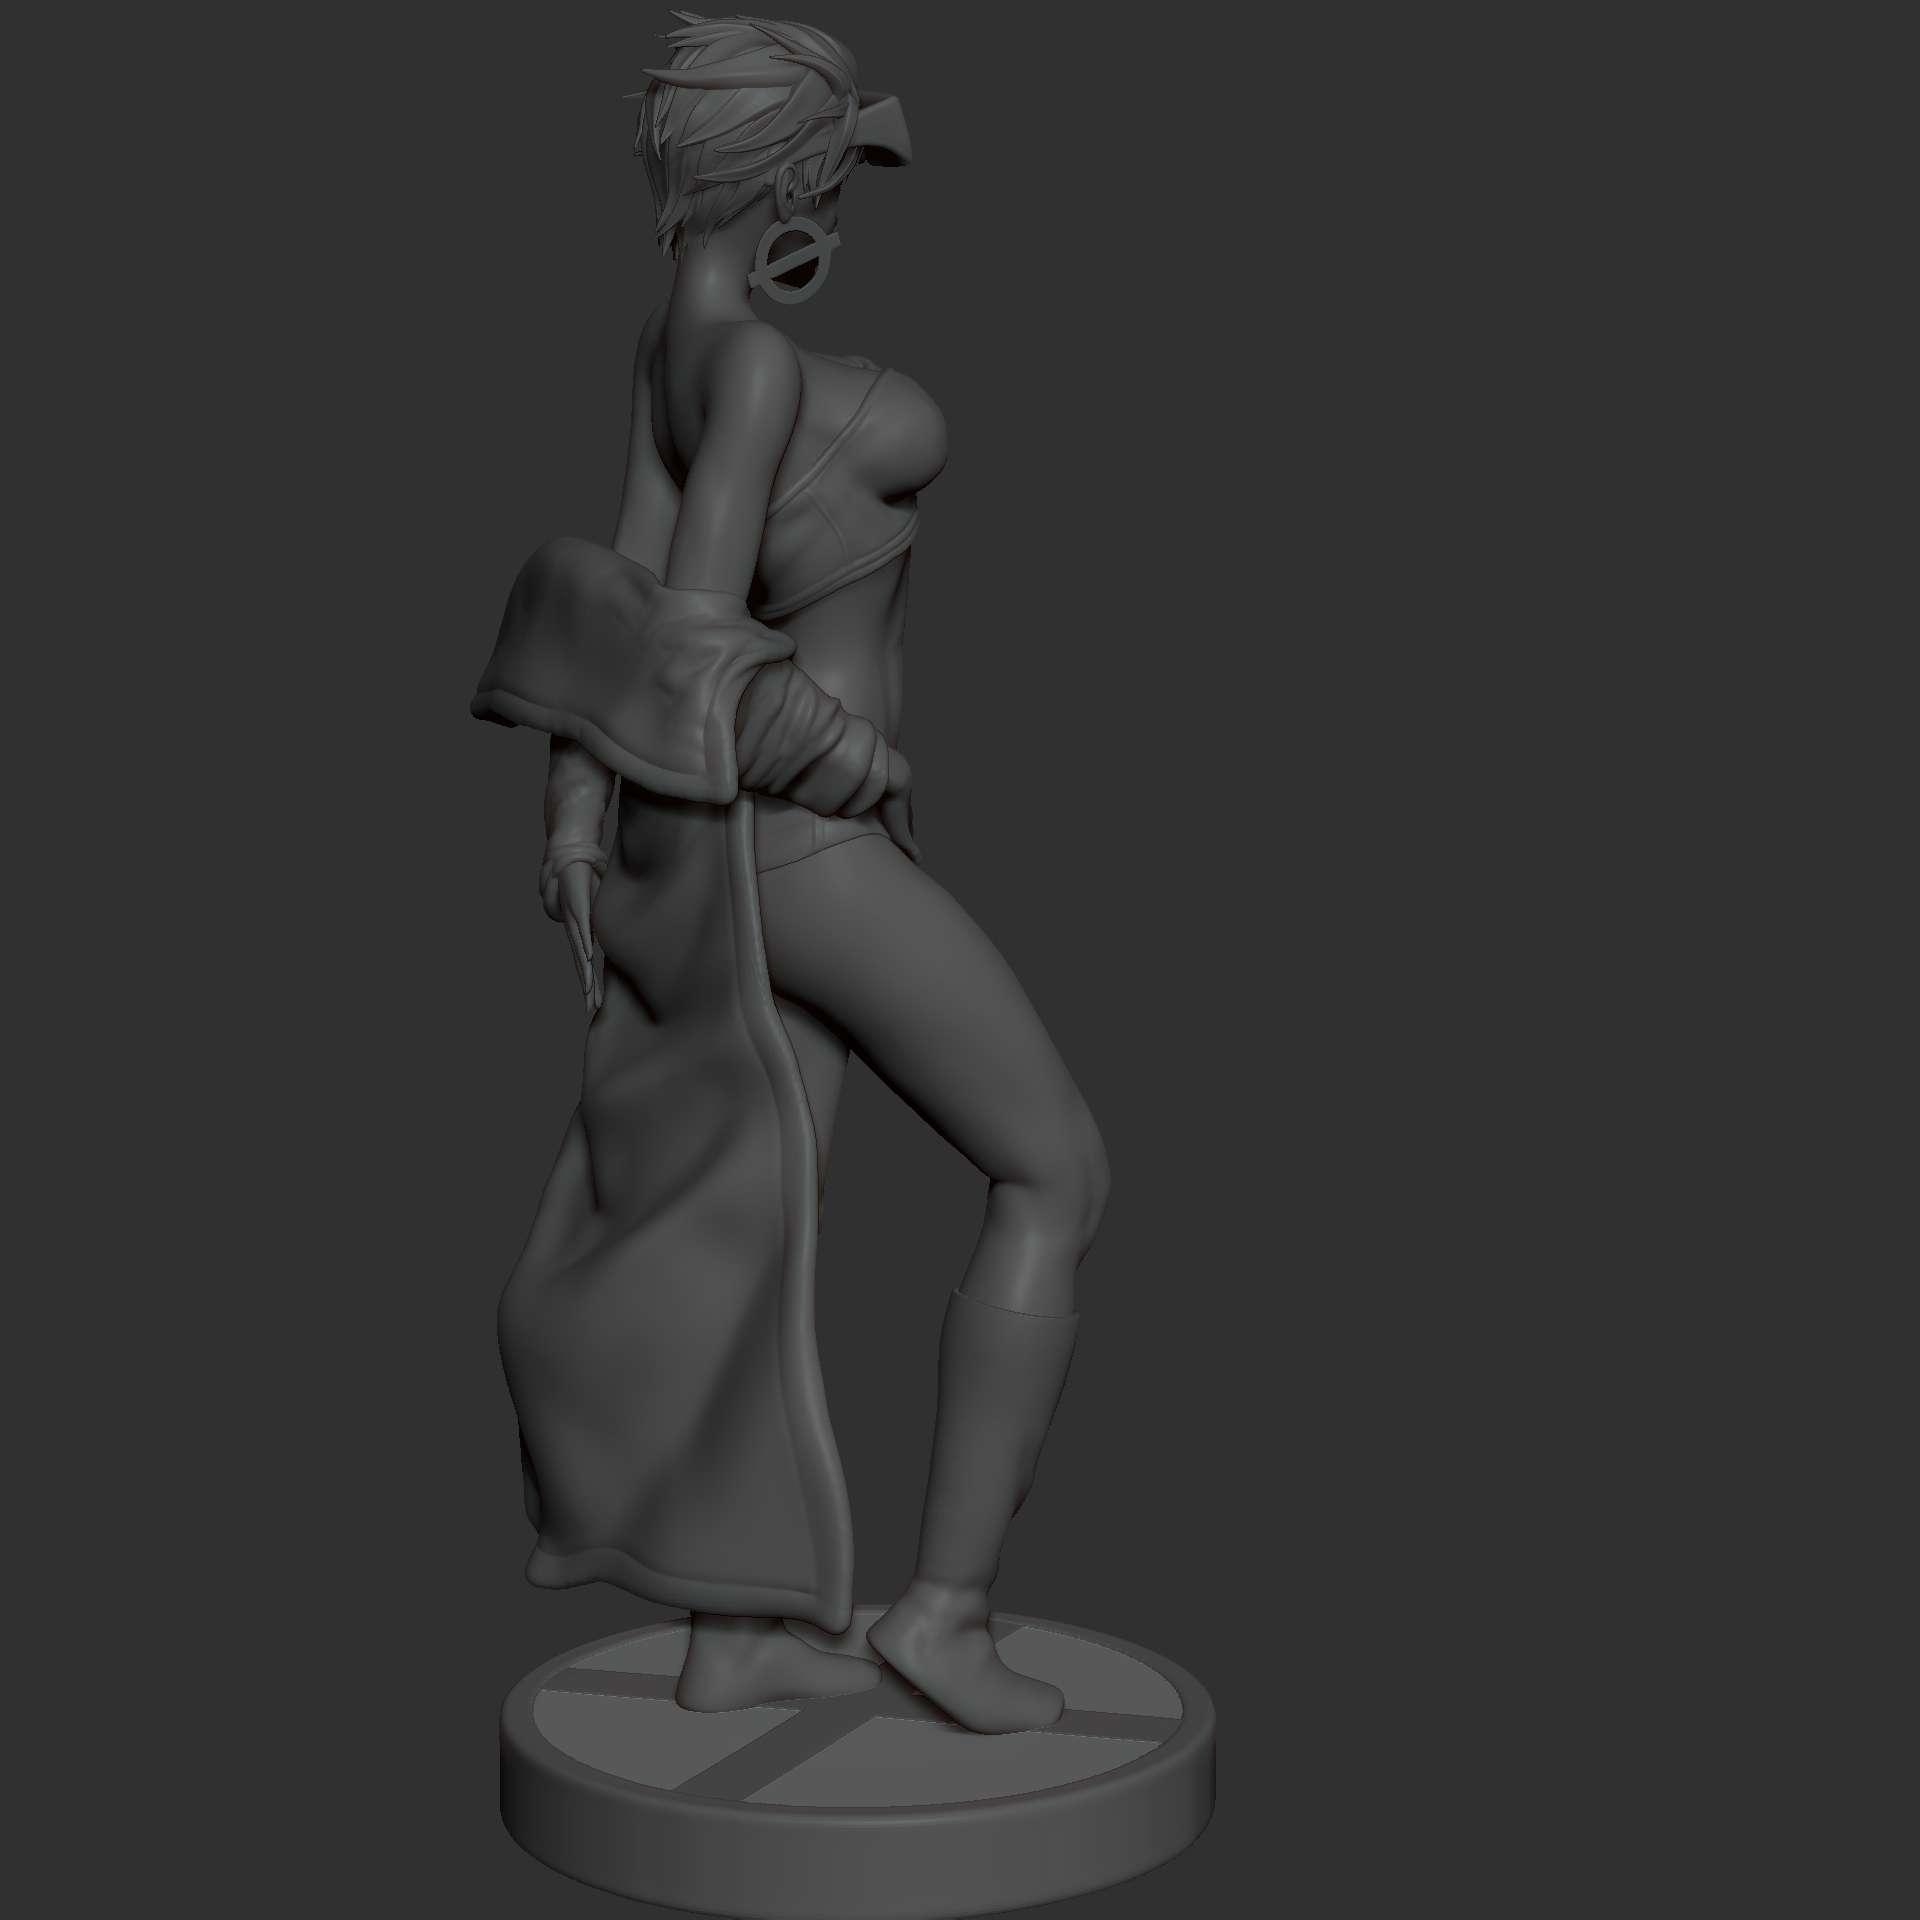 Sexy x-men Jubilee - Sexy version of Jubilee from xmen - Los mejores archivos para impresión 3D del mundo. Modelos Stl divididos en partes para facilitar la impresión 3D. Todo tipo de personajes, decoración, cosplay, prótesis, piezas. Calidad en impresión 3D. Modelos 3D asequibles. Bajo costo. Compras colectivas de archivos 3D.